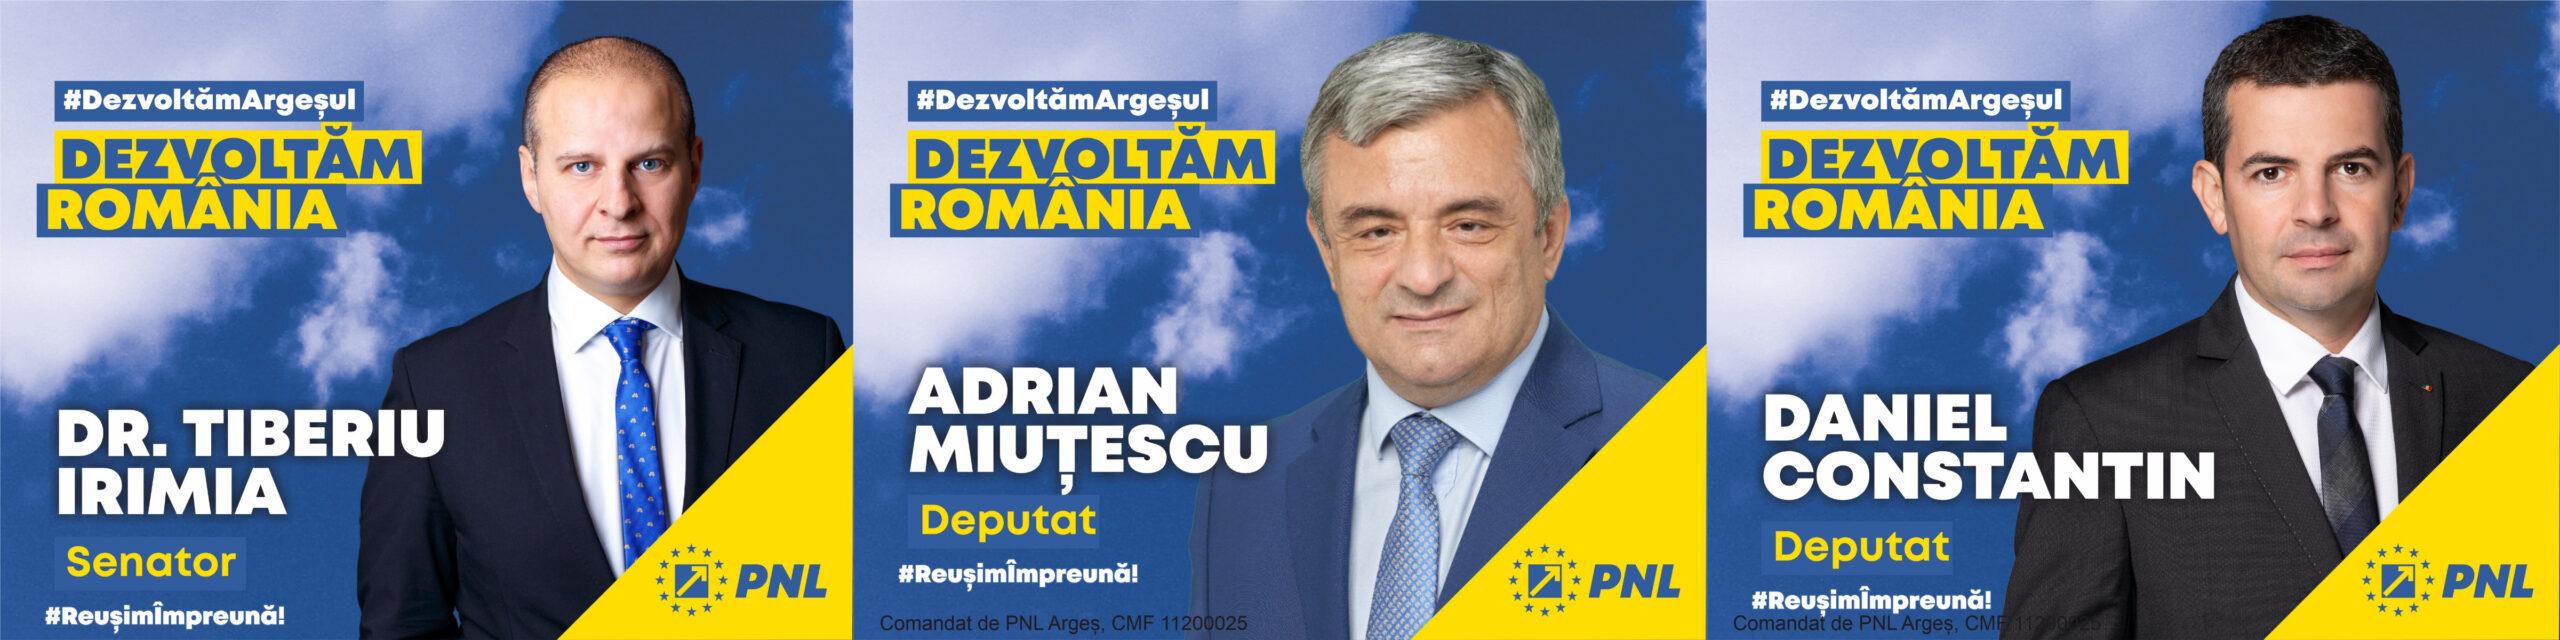 Miutescu Constantin Irimia